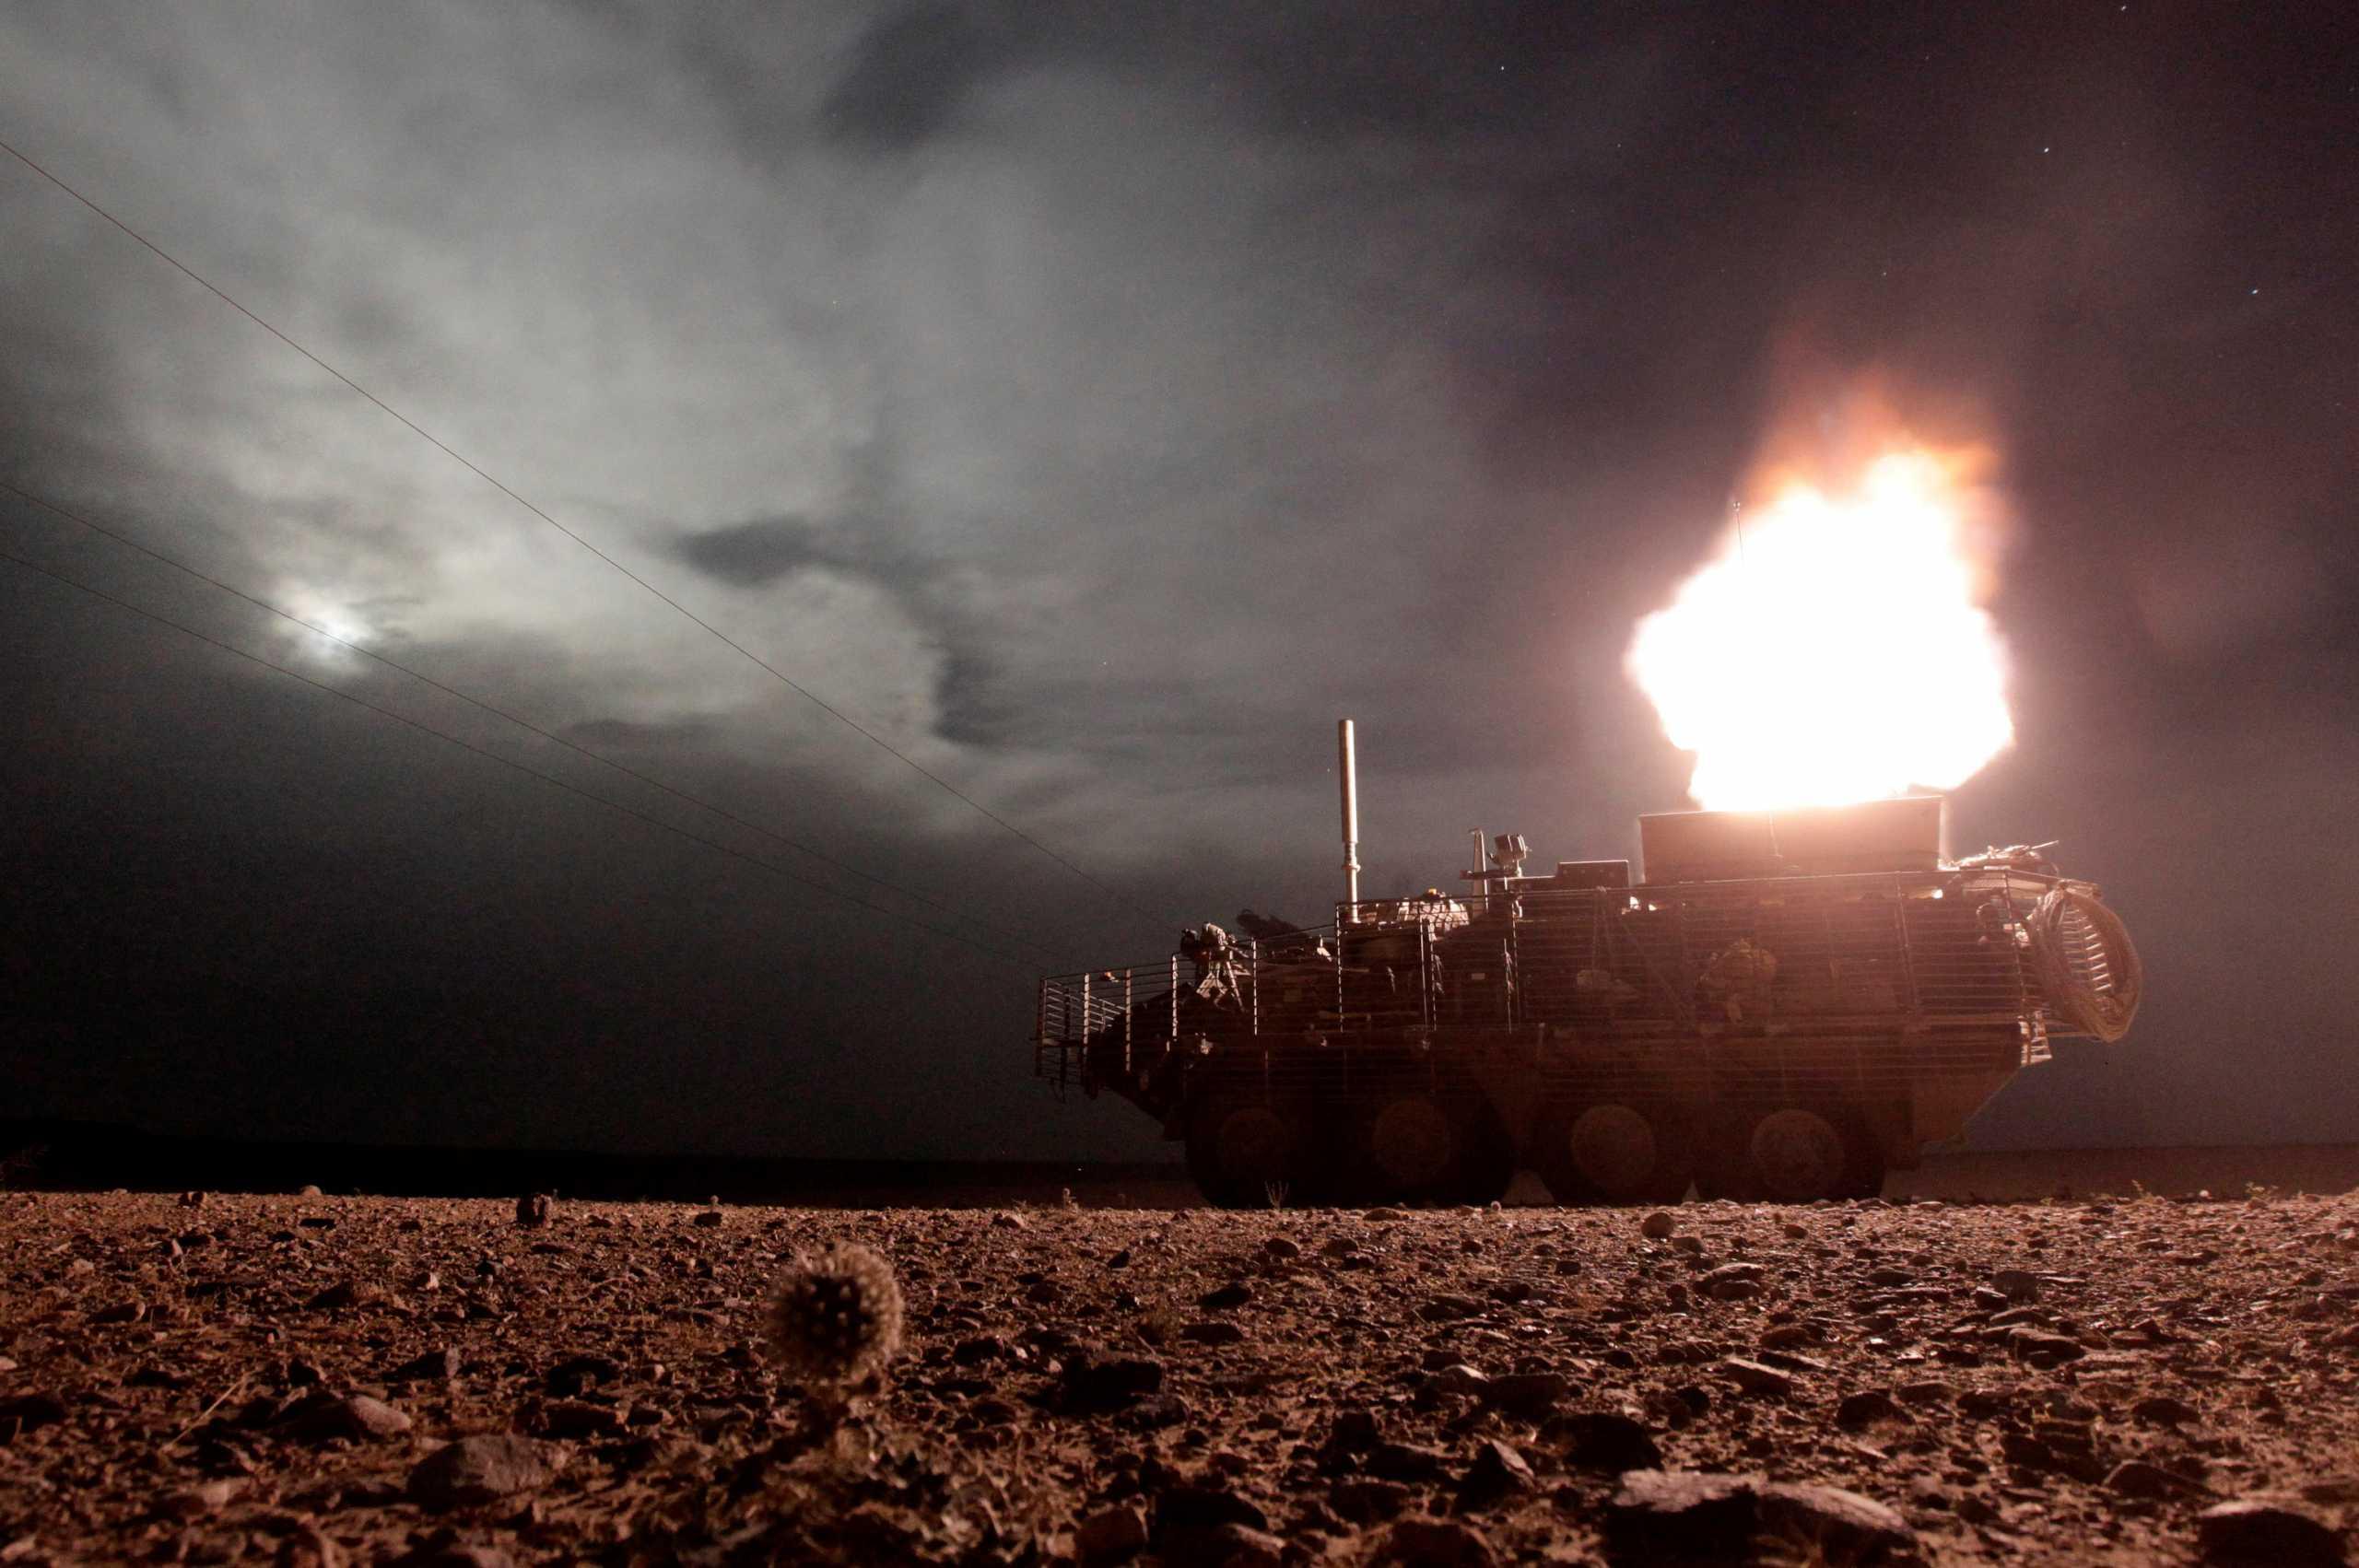 Αμερικανός ΥΠΕΞ: Η Ουάσινγκτον δεν σκόπευε ποτέ να διατηρήσει μόνιμα στρατεύματα στο Αφγανιστάν